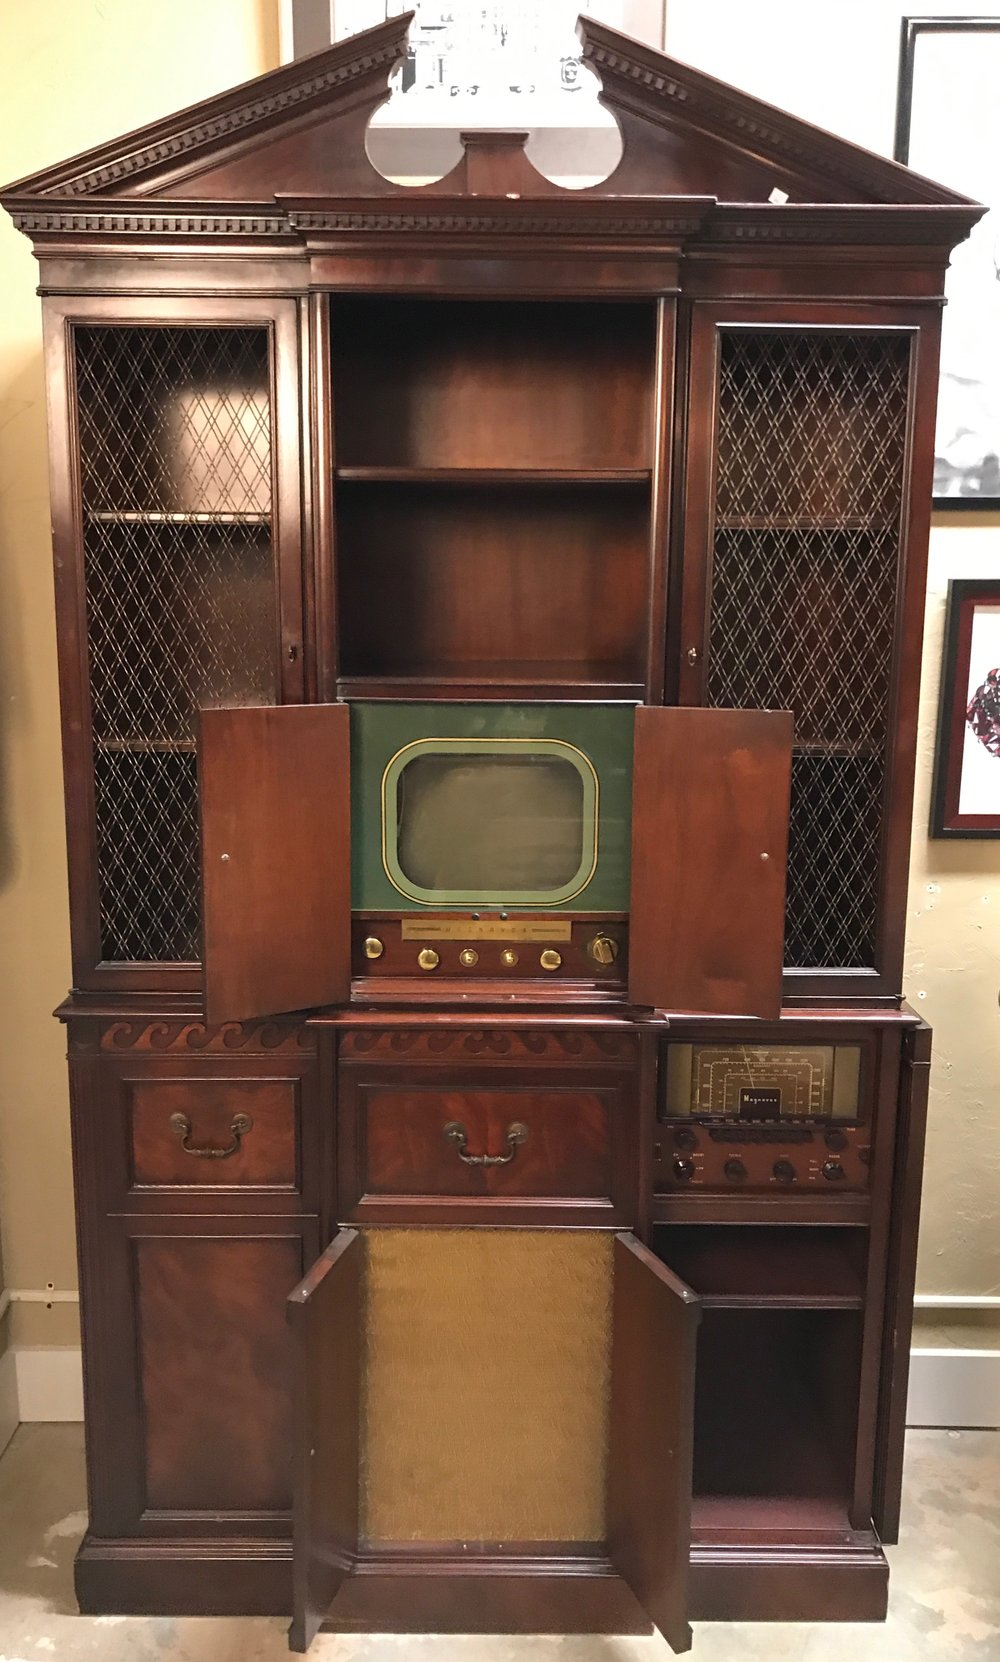 Magnavox Imperial Windsor Cabinet $699.95 -  C0924 19630